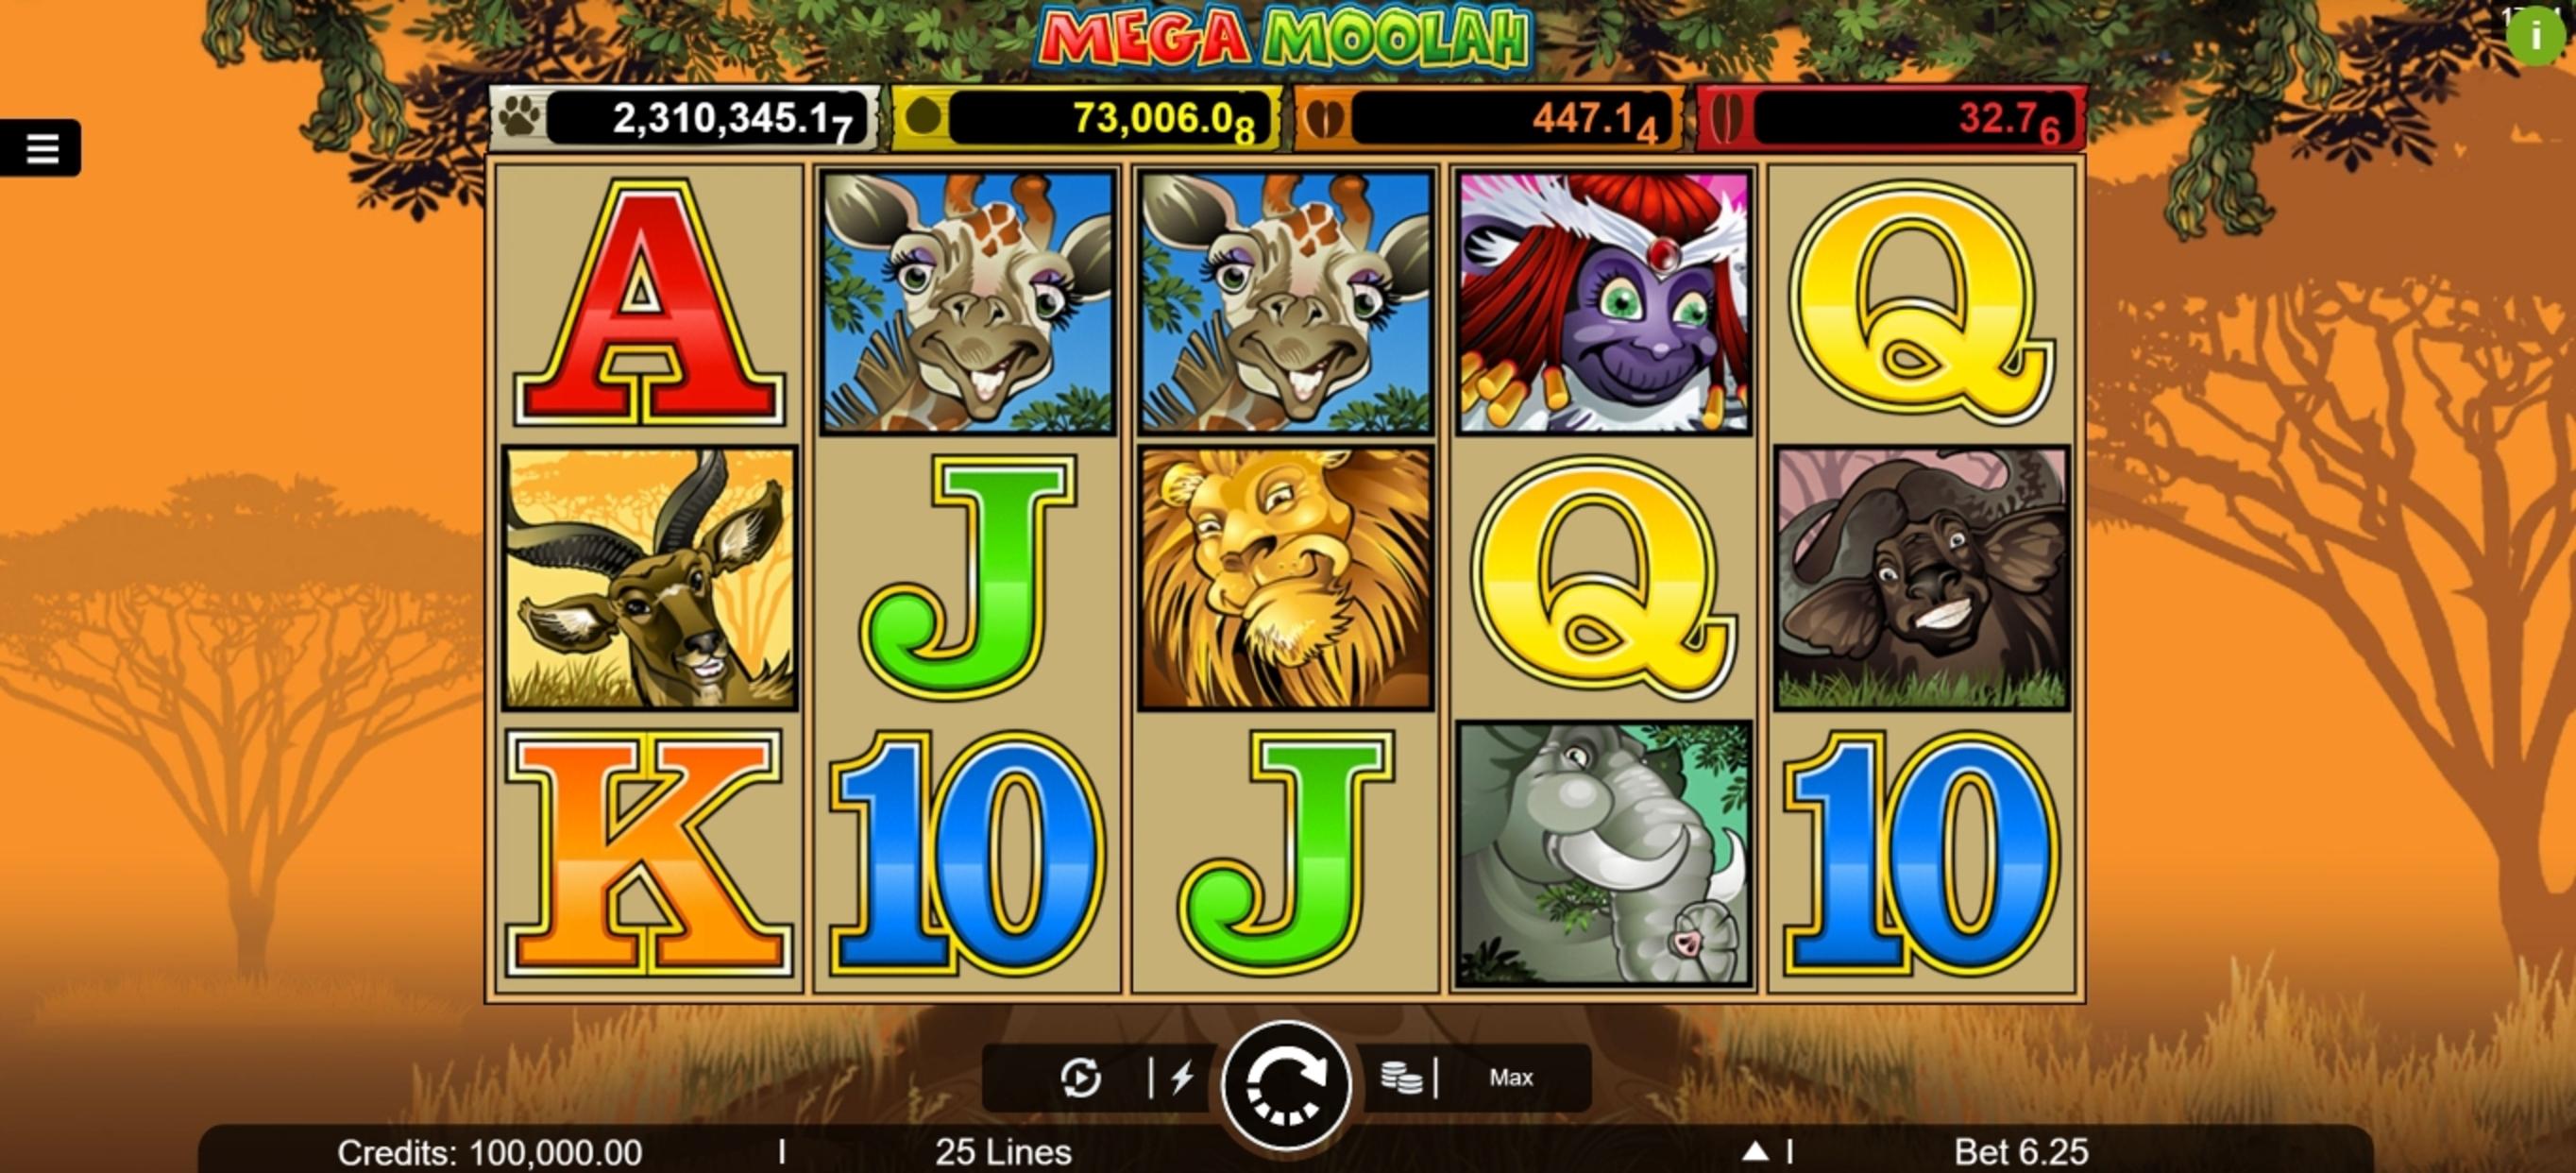 Mega Moolah Slot Demo